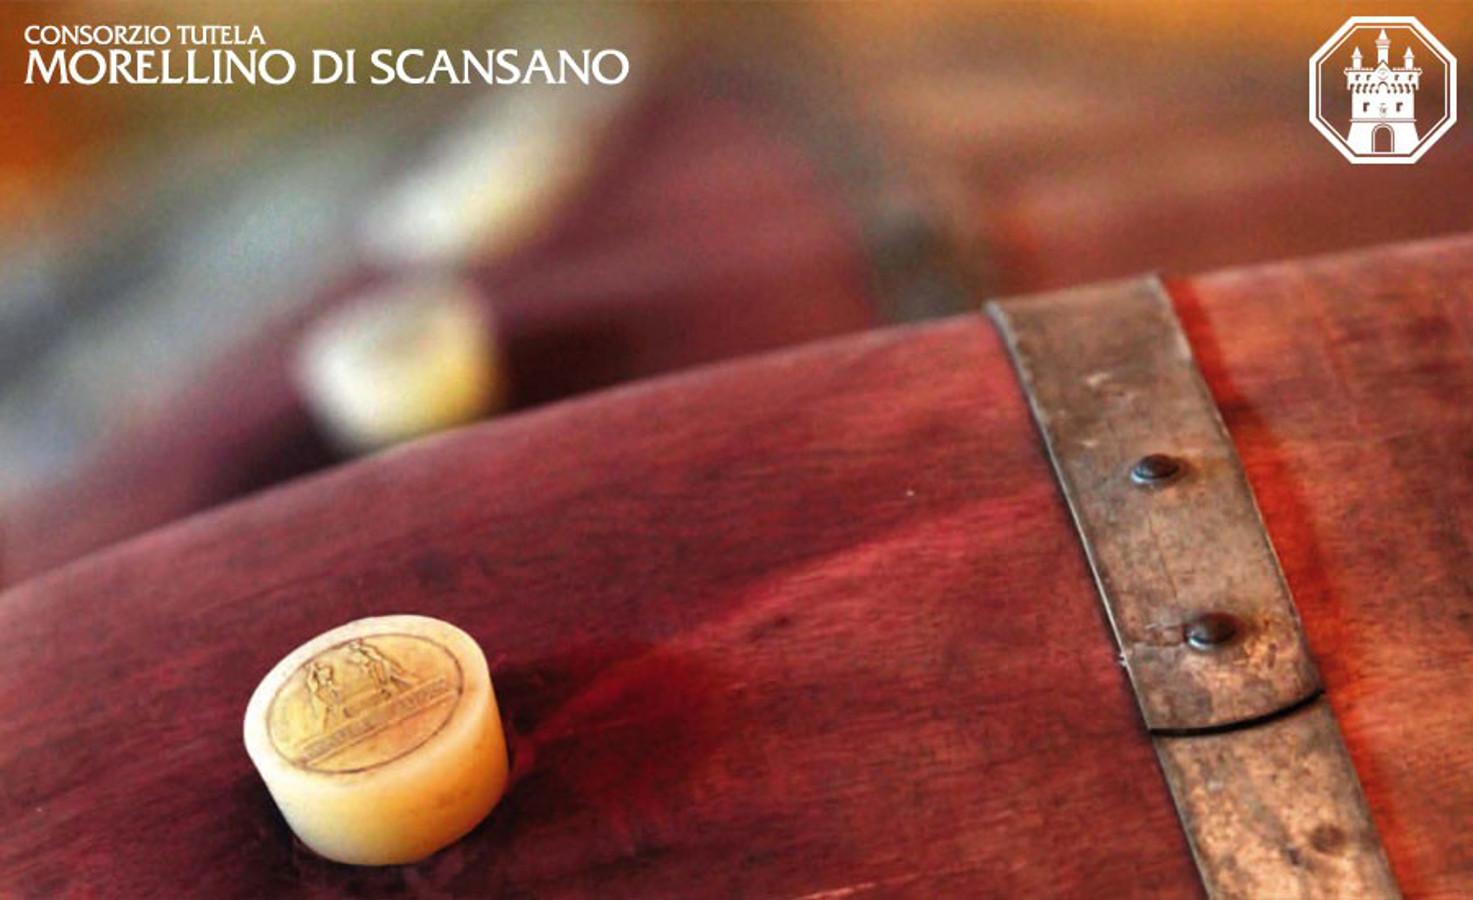 Importante azione anticontraffazione a tutela del  vino toscano